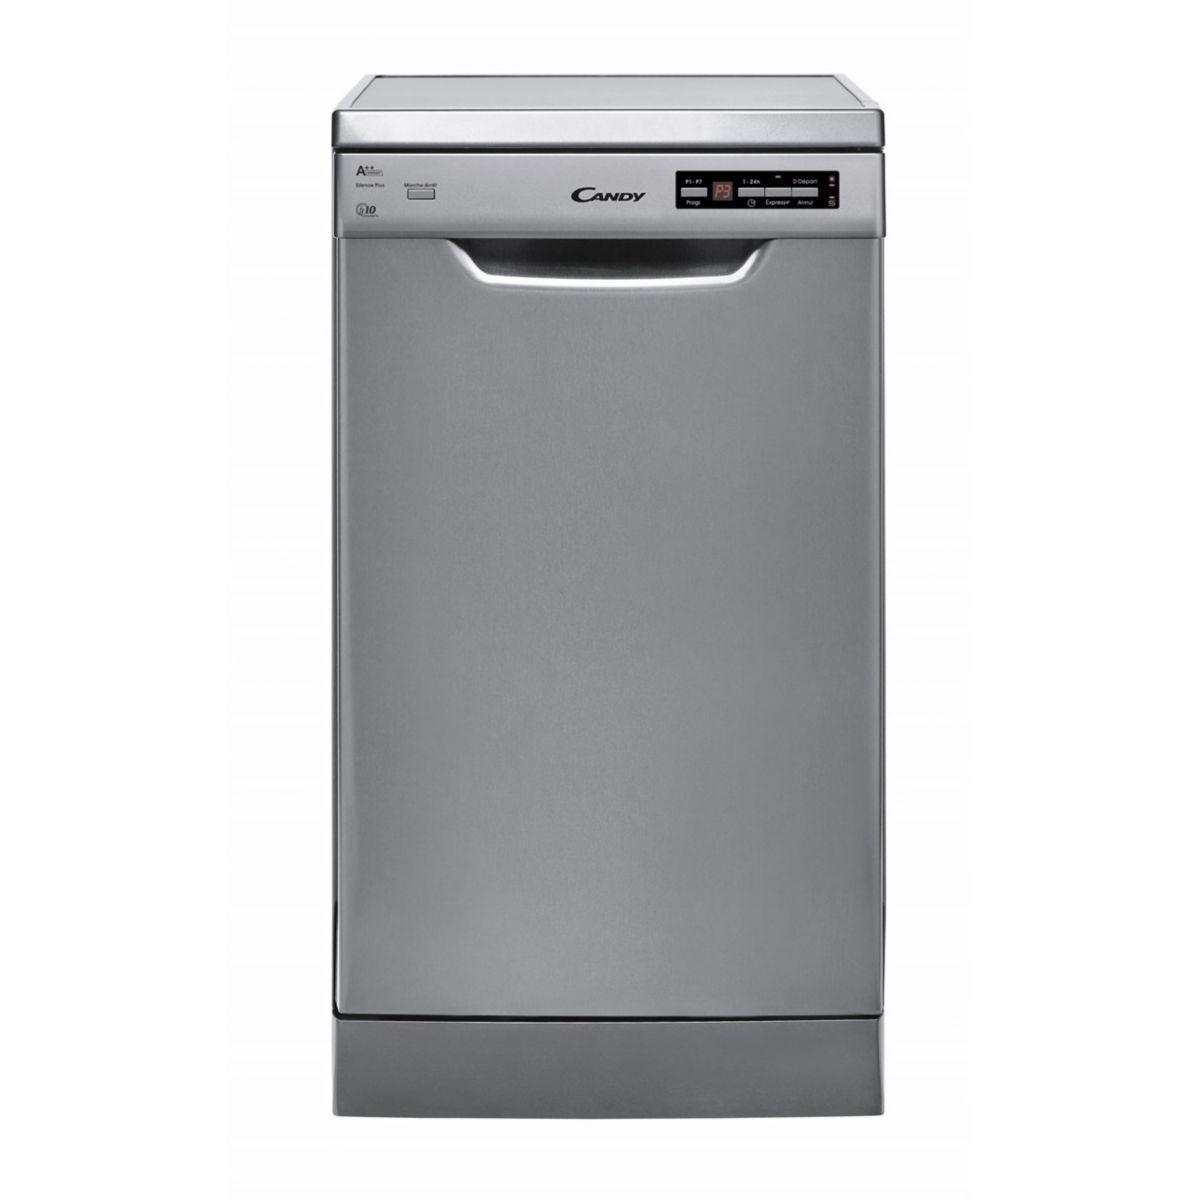 Lave vaisselle connect� candy cdp 2d1047x-47 - 2% de remise imm�diate avec le code : gam2 (photo)